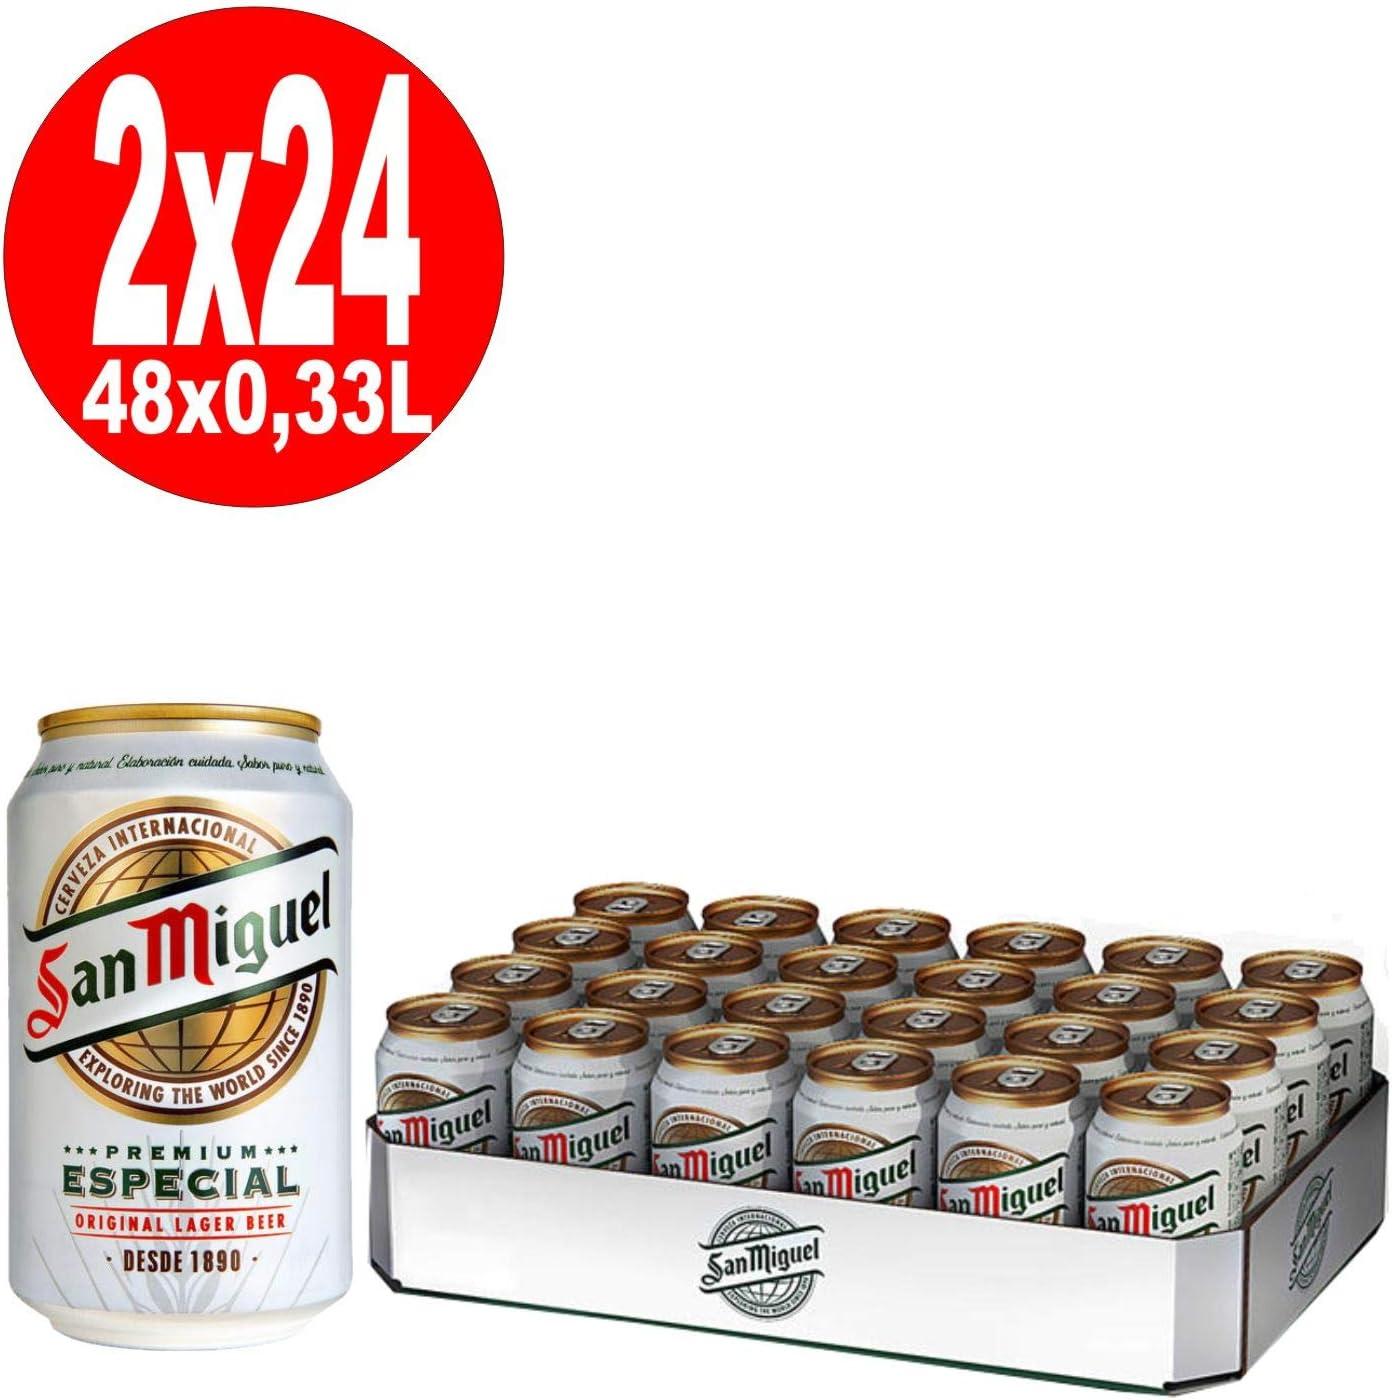 2 x 24 latas de 0,33 l. Lager especial de San Miguel, 5% vol. Depósito incluido, desechable.